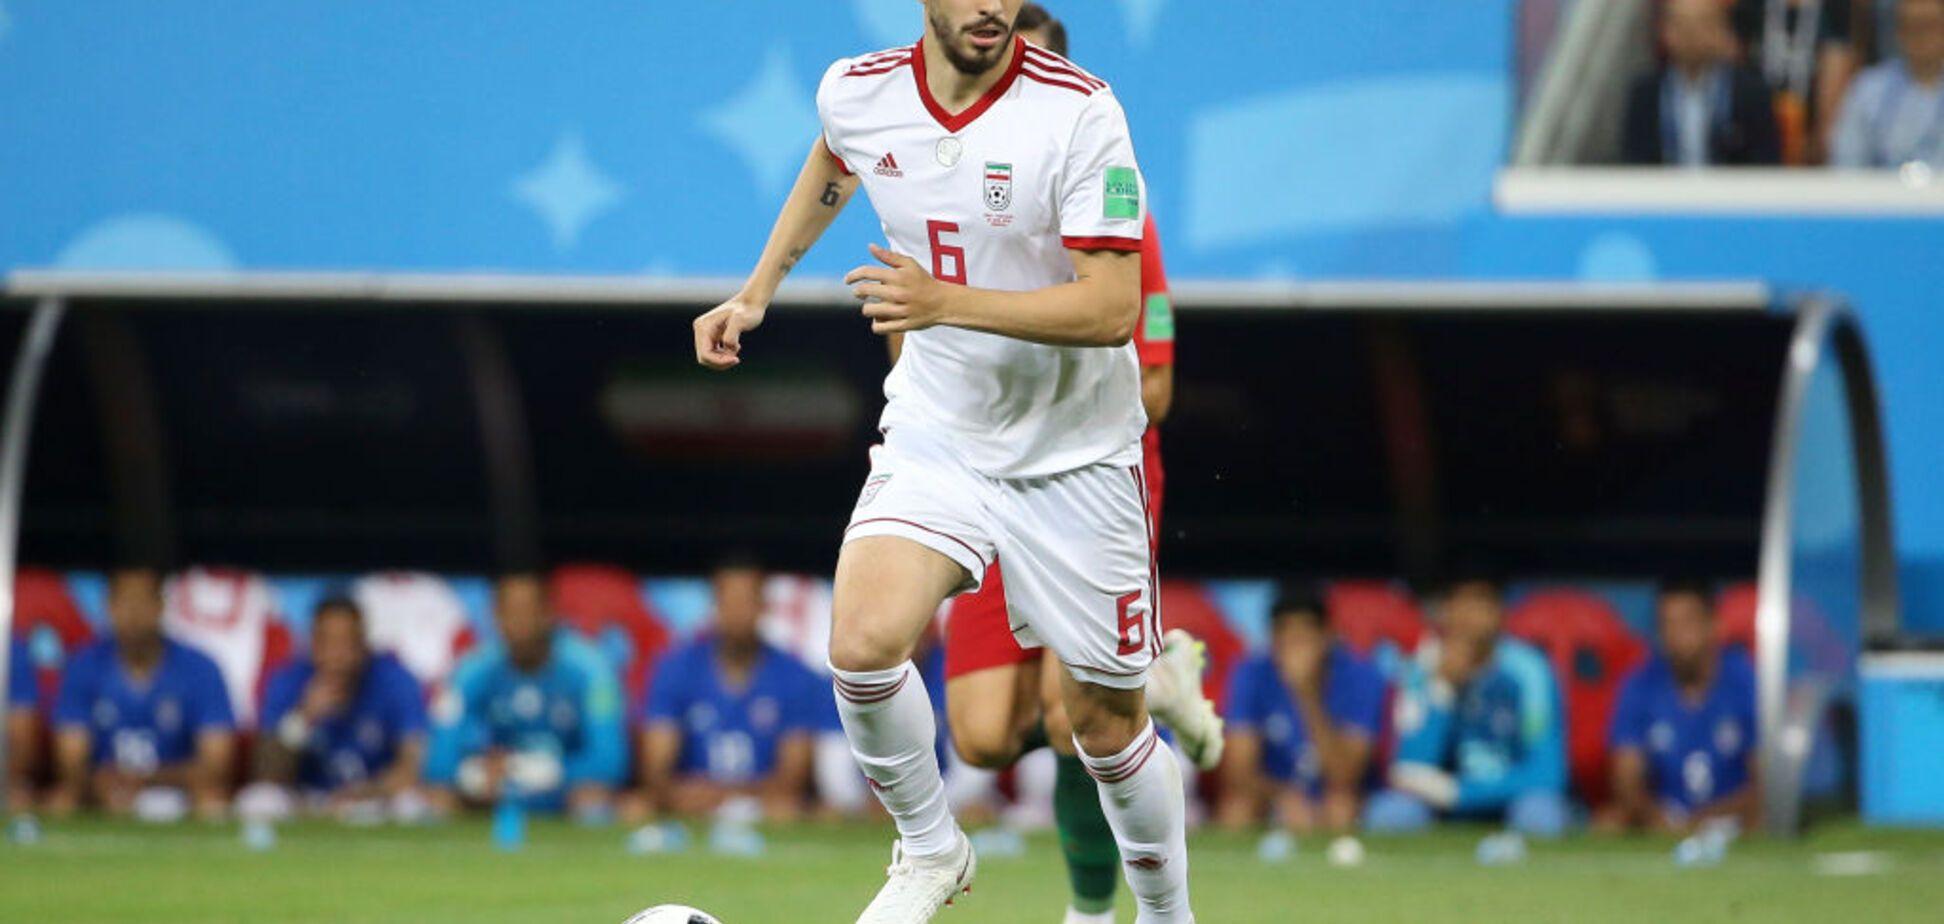 Допінг-скандал на ЧС-2018: з'явилася реакція ФІФА